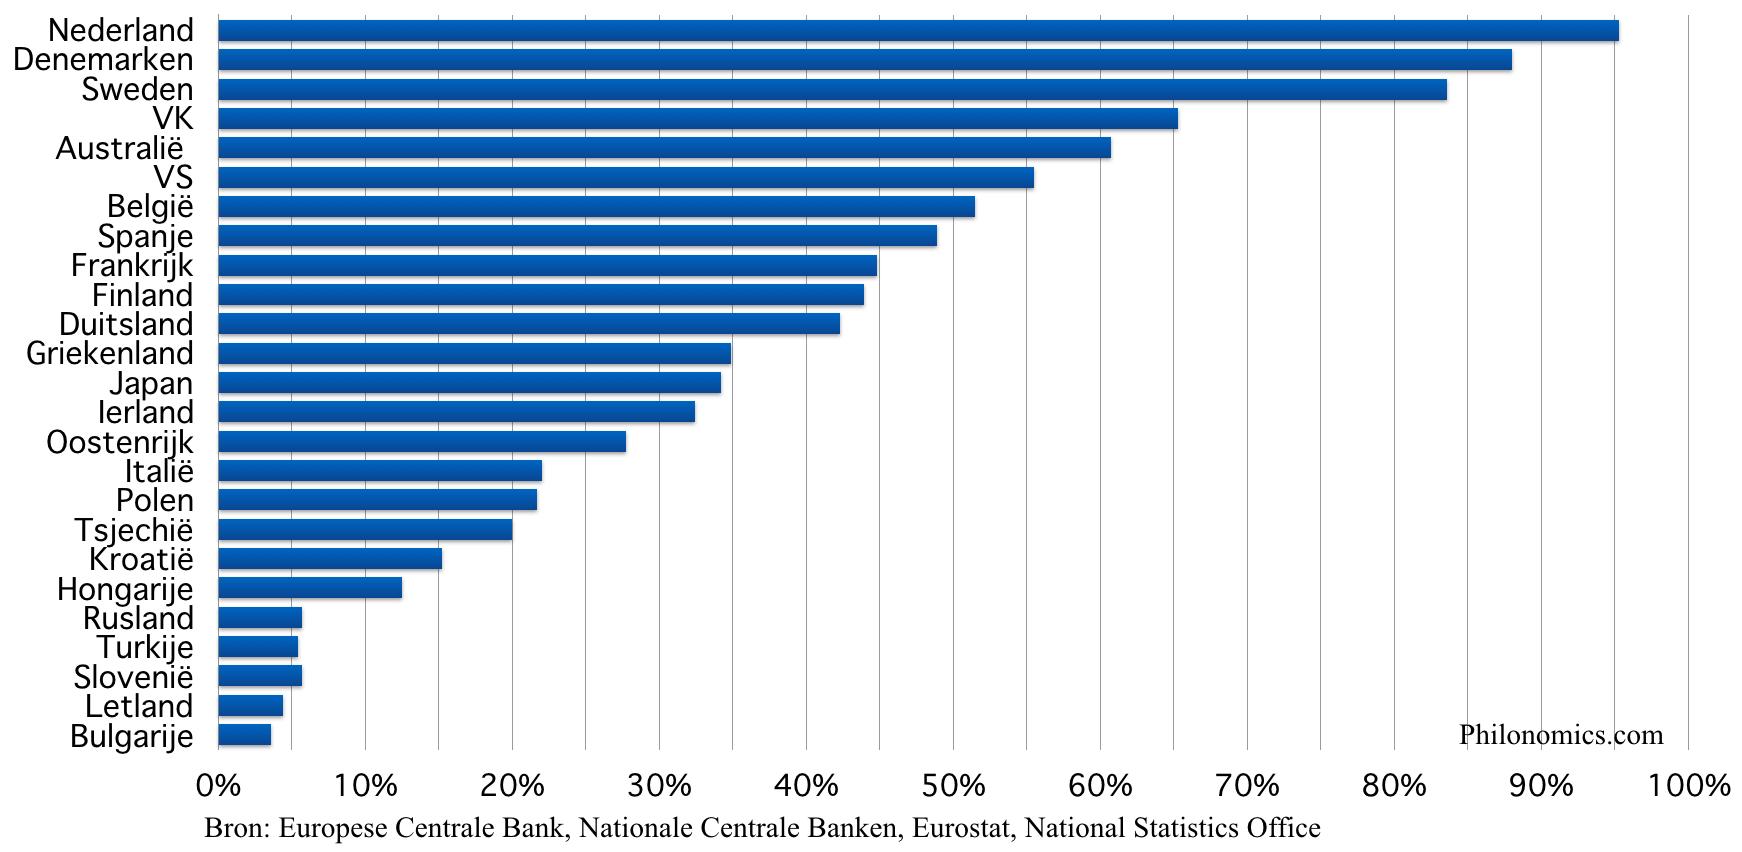 Hypotheekschuld in het % van BBP 2017